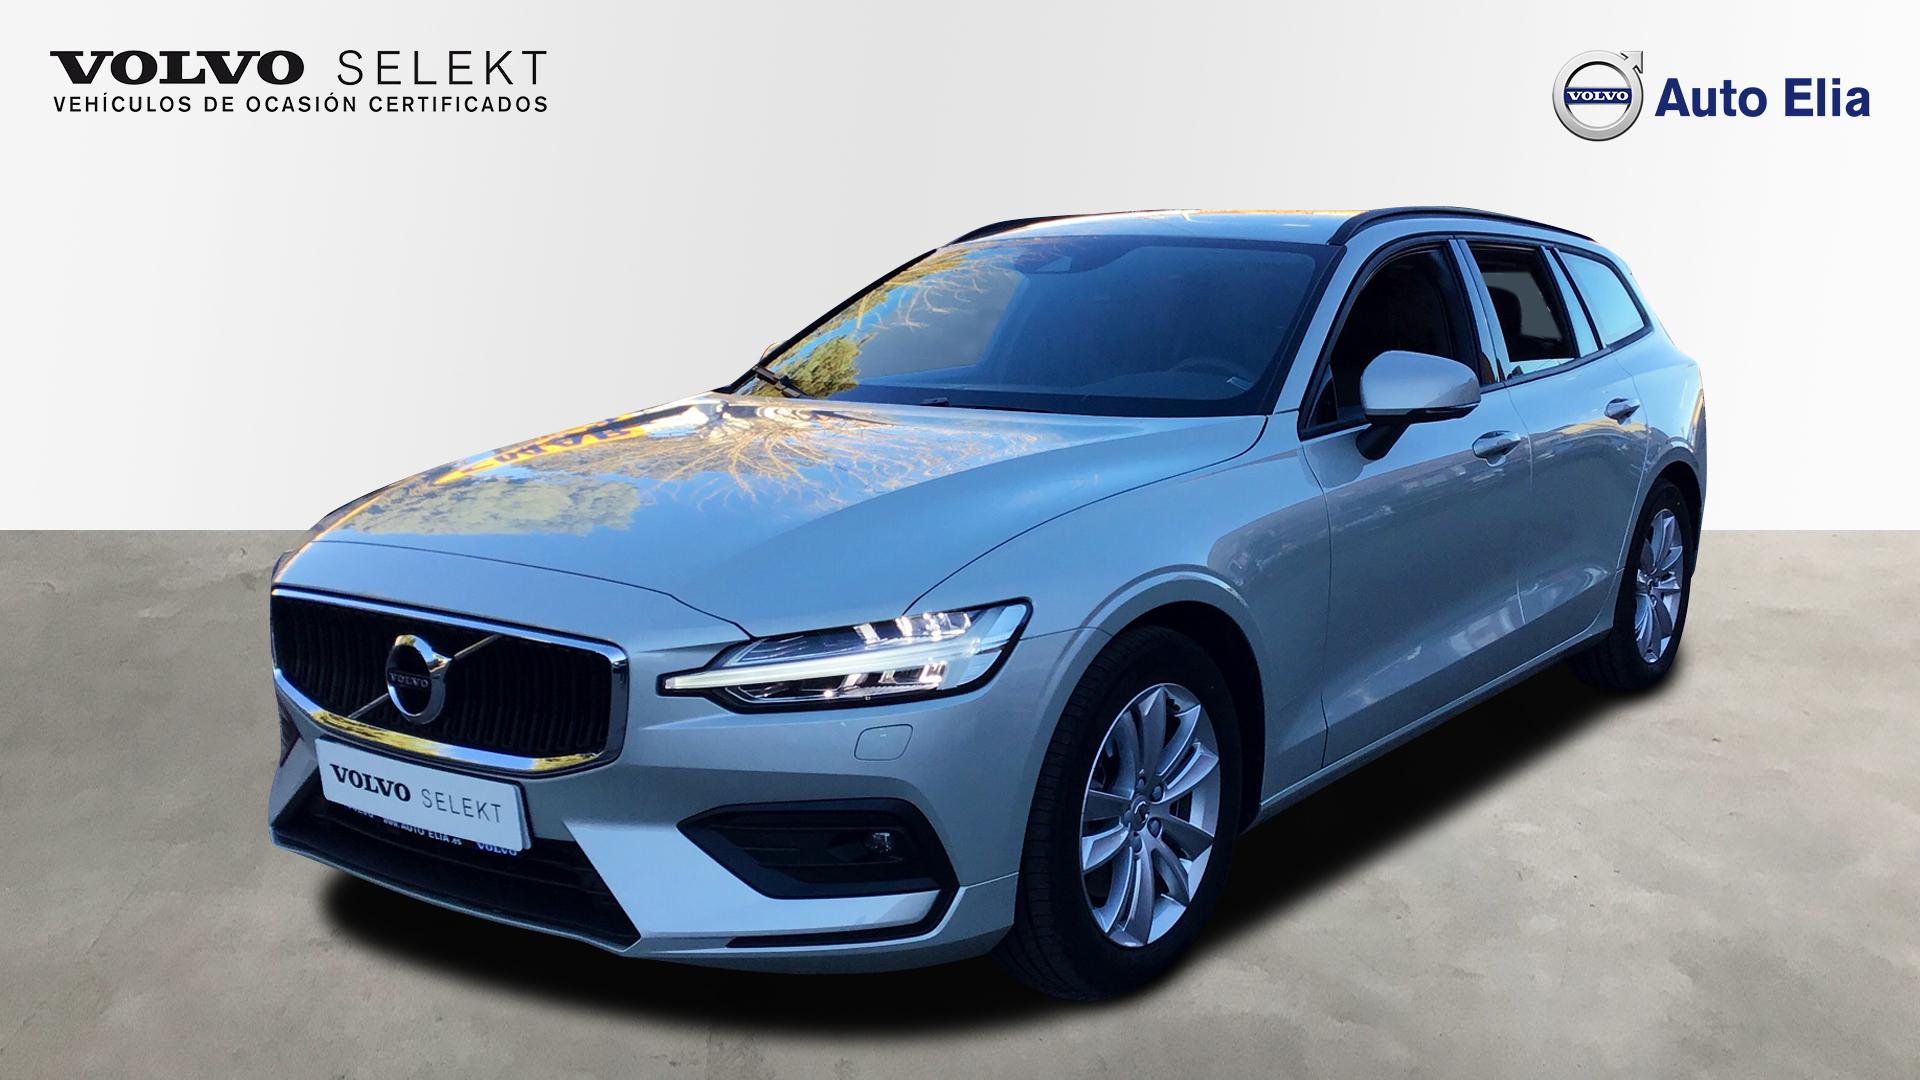 Volvo V60 segunda mano 7811659 - 1